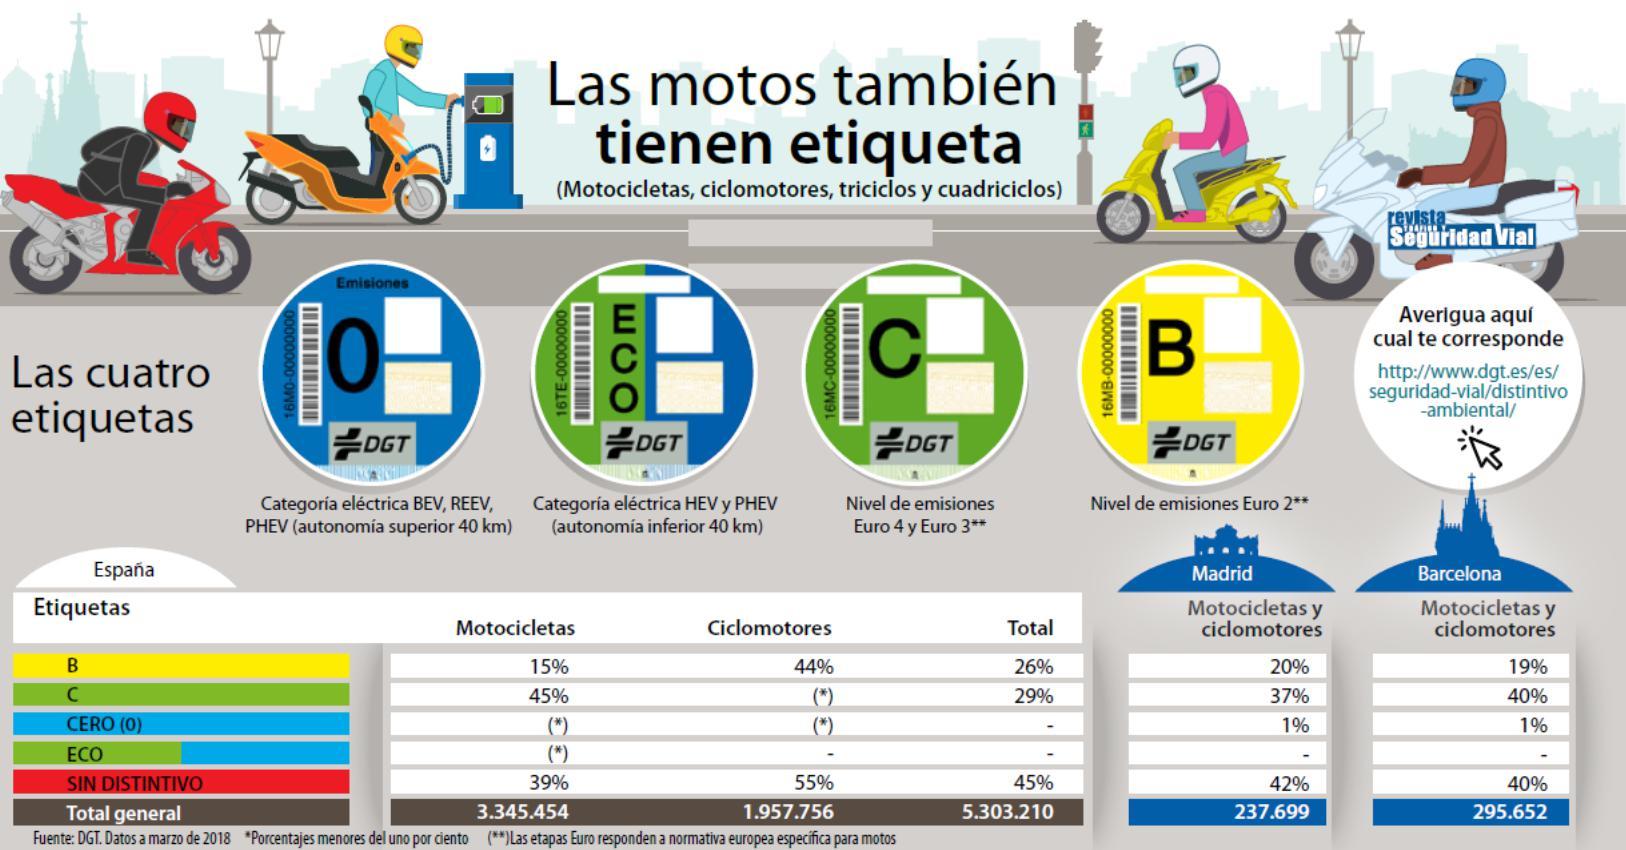 Fuente: abc.es